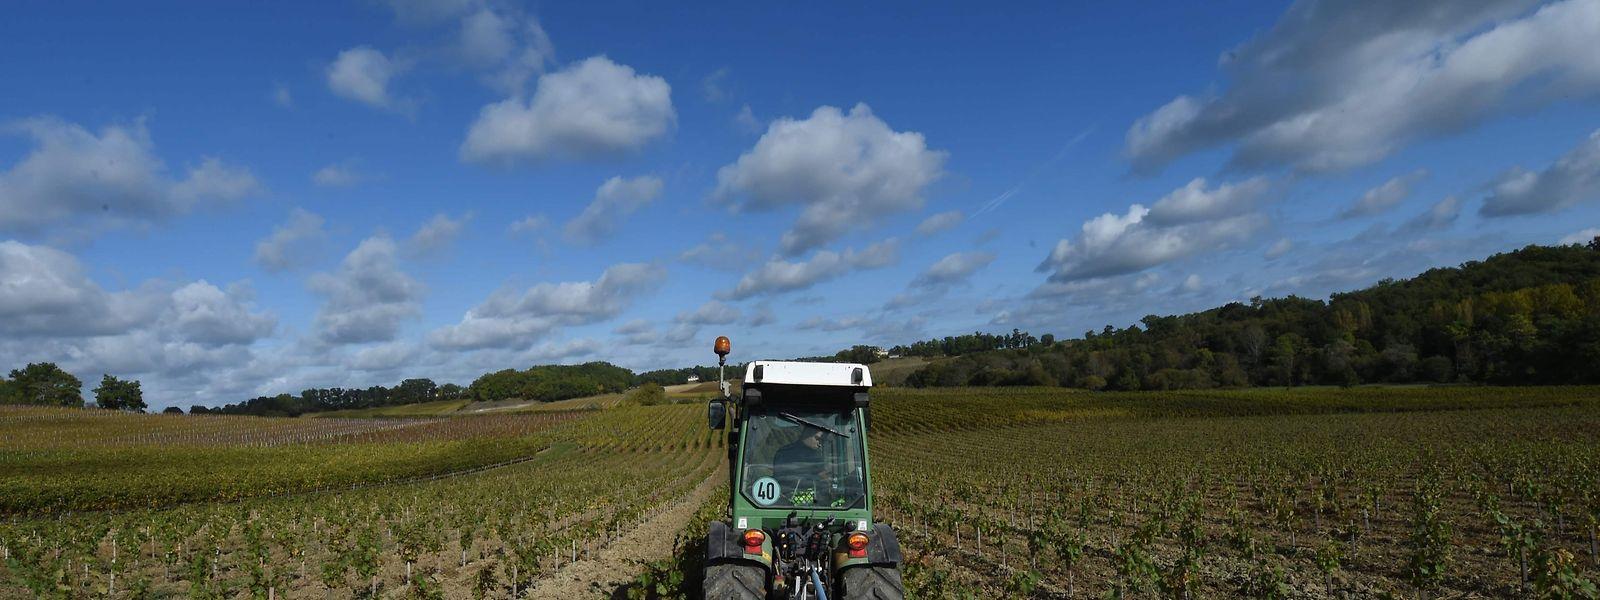 Er hat bereits auf Glyphosat verzichtet: Ein Bauer in Frankreich bewirtschaftet das Feld mechanisch.